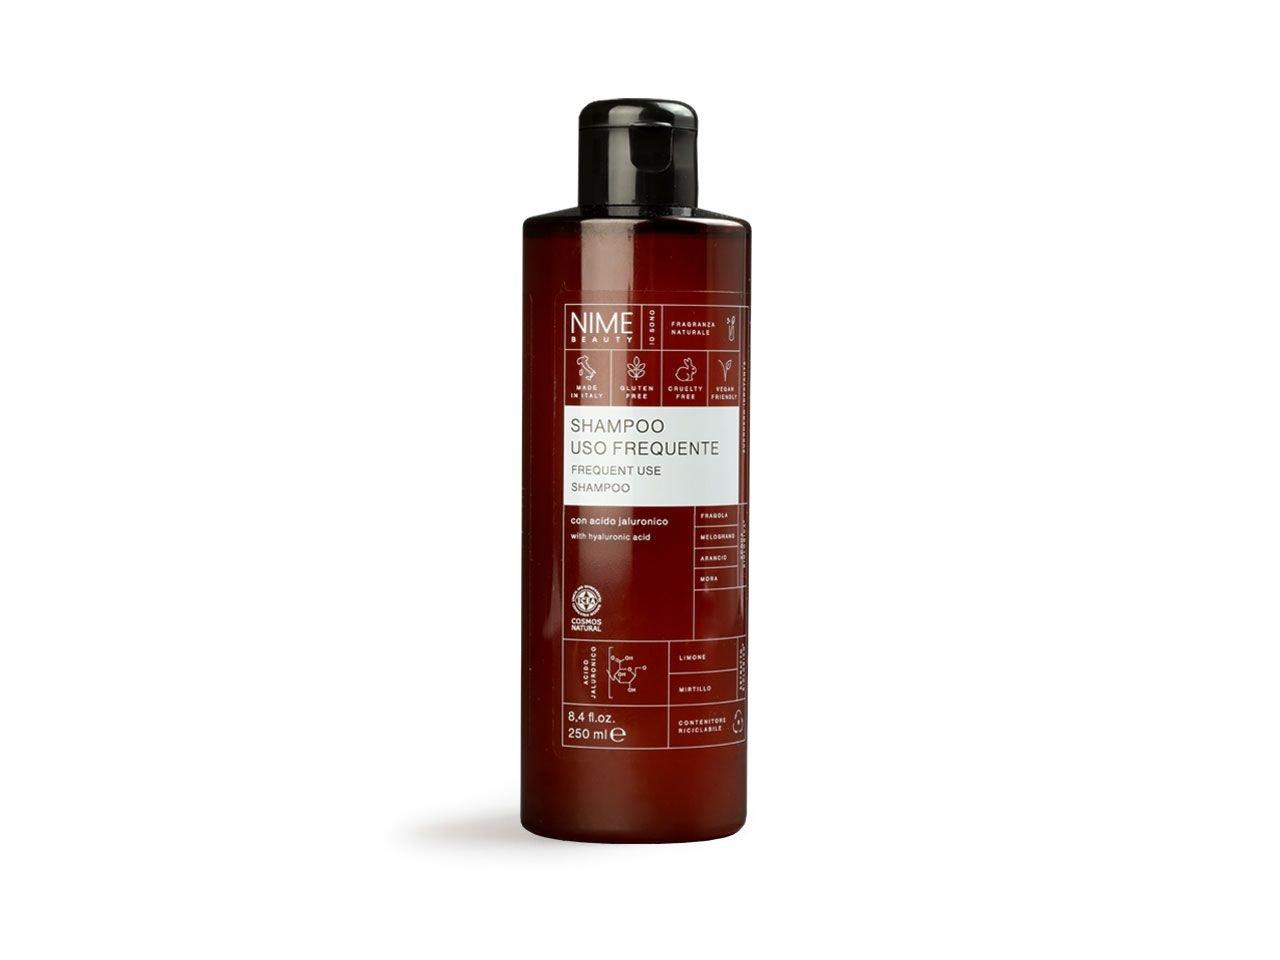 Shampoo Uso Frequente con acido jaluronico - v2